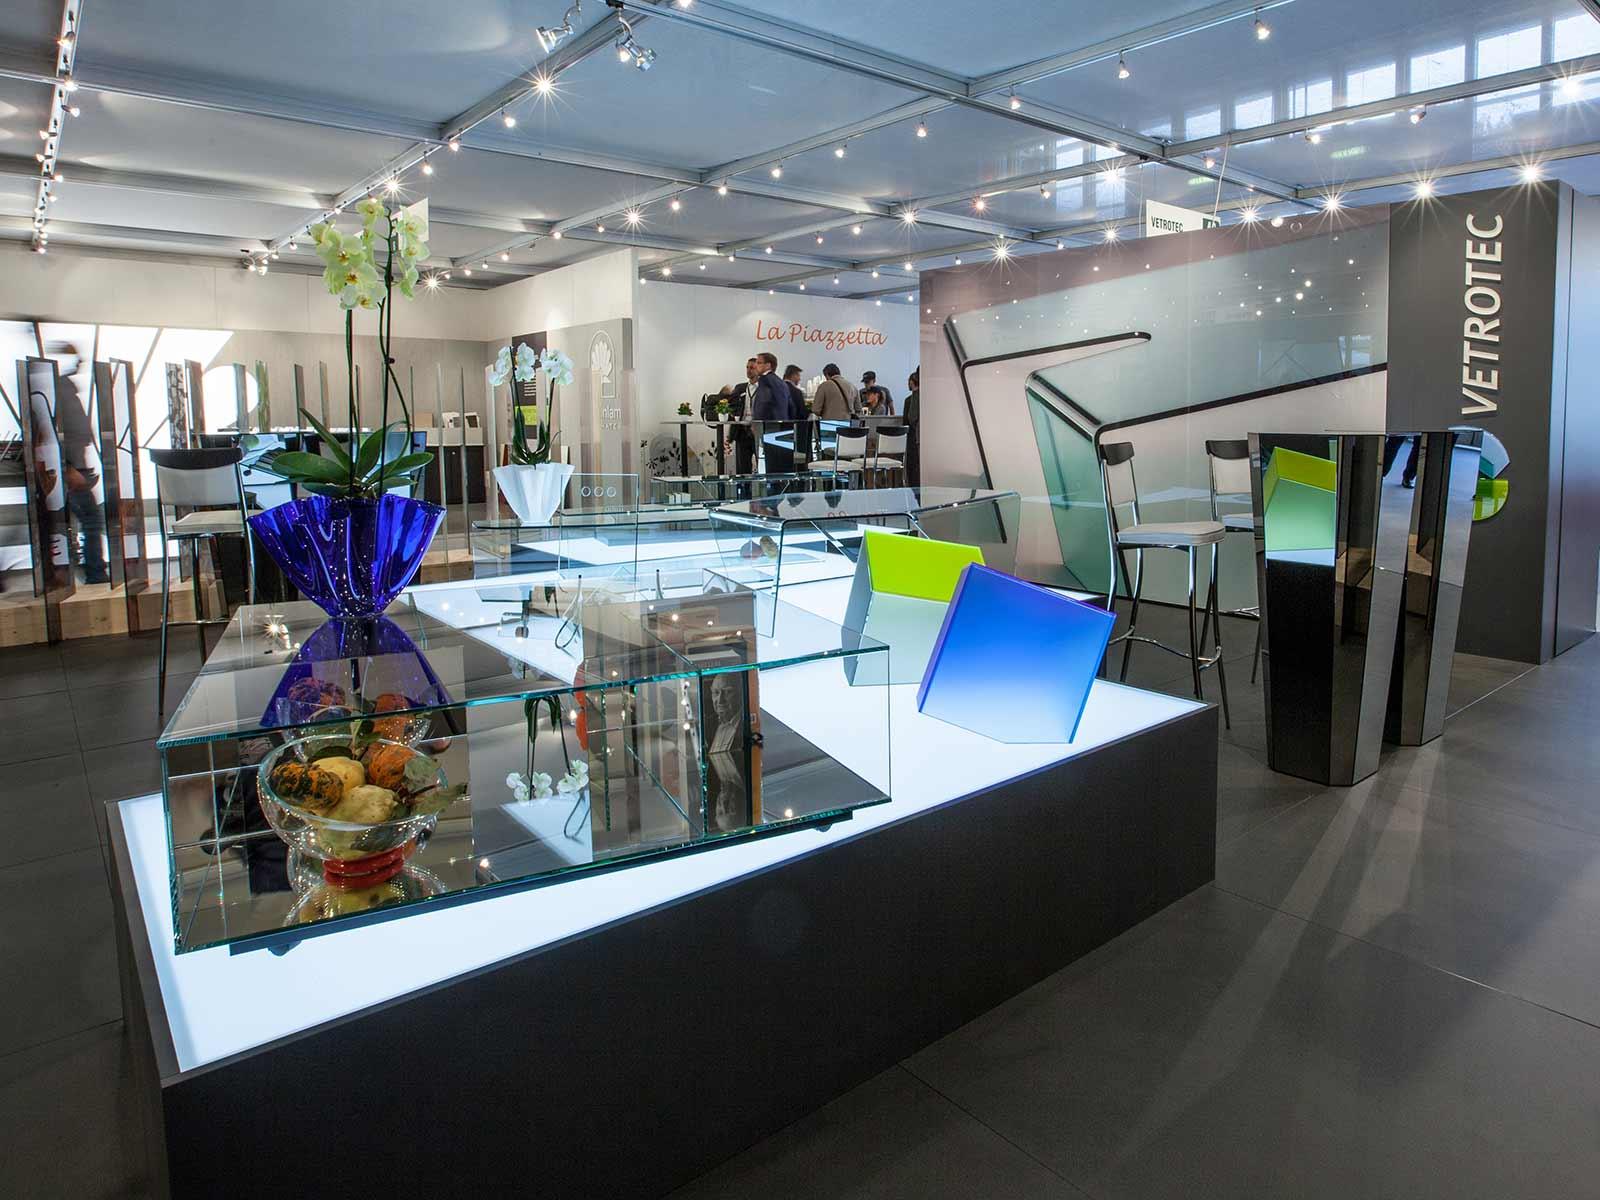 Arredamento in vetro, Vetrotec azienda per complementi d'arredo in vetro